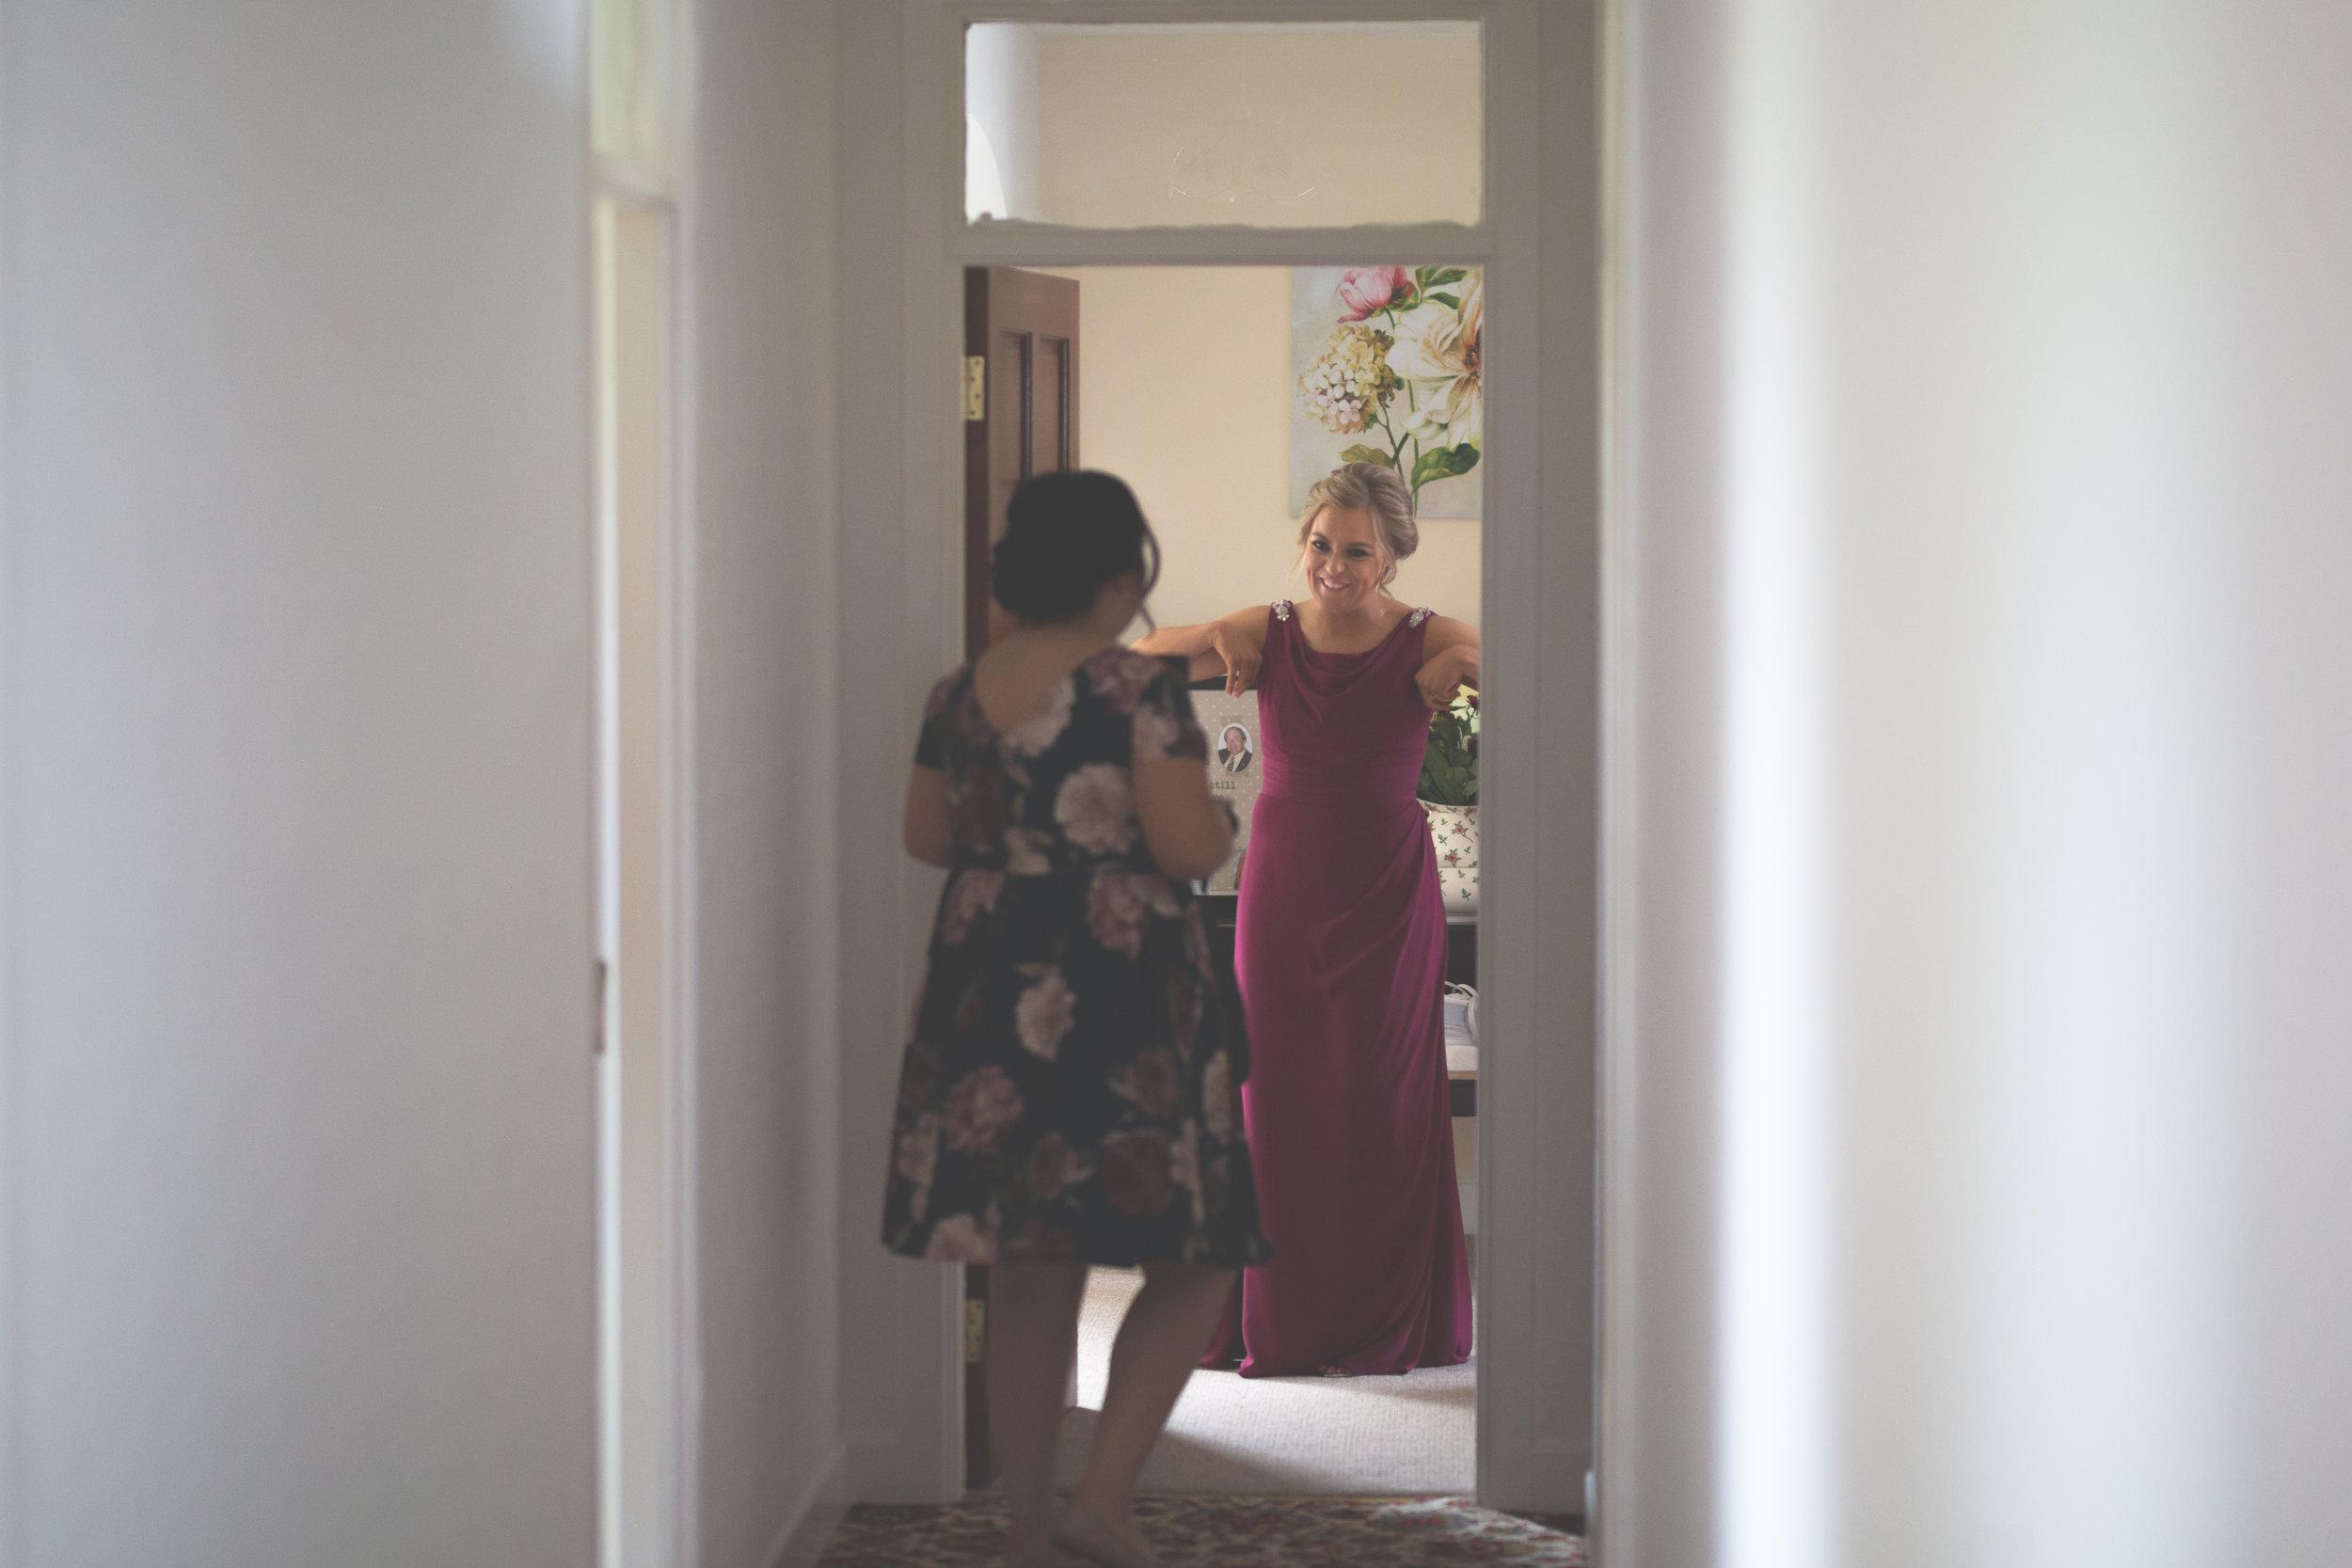 Brian McEwan Wedding Photography | Carol-Anne & Sean | Bridal Preparations-125.jpg